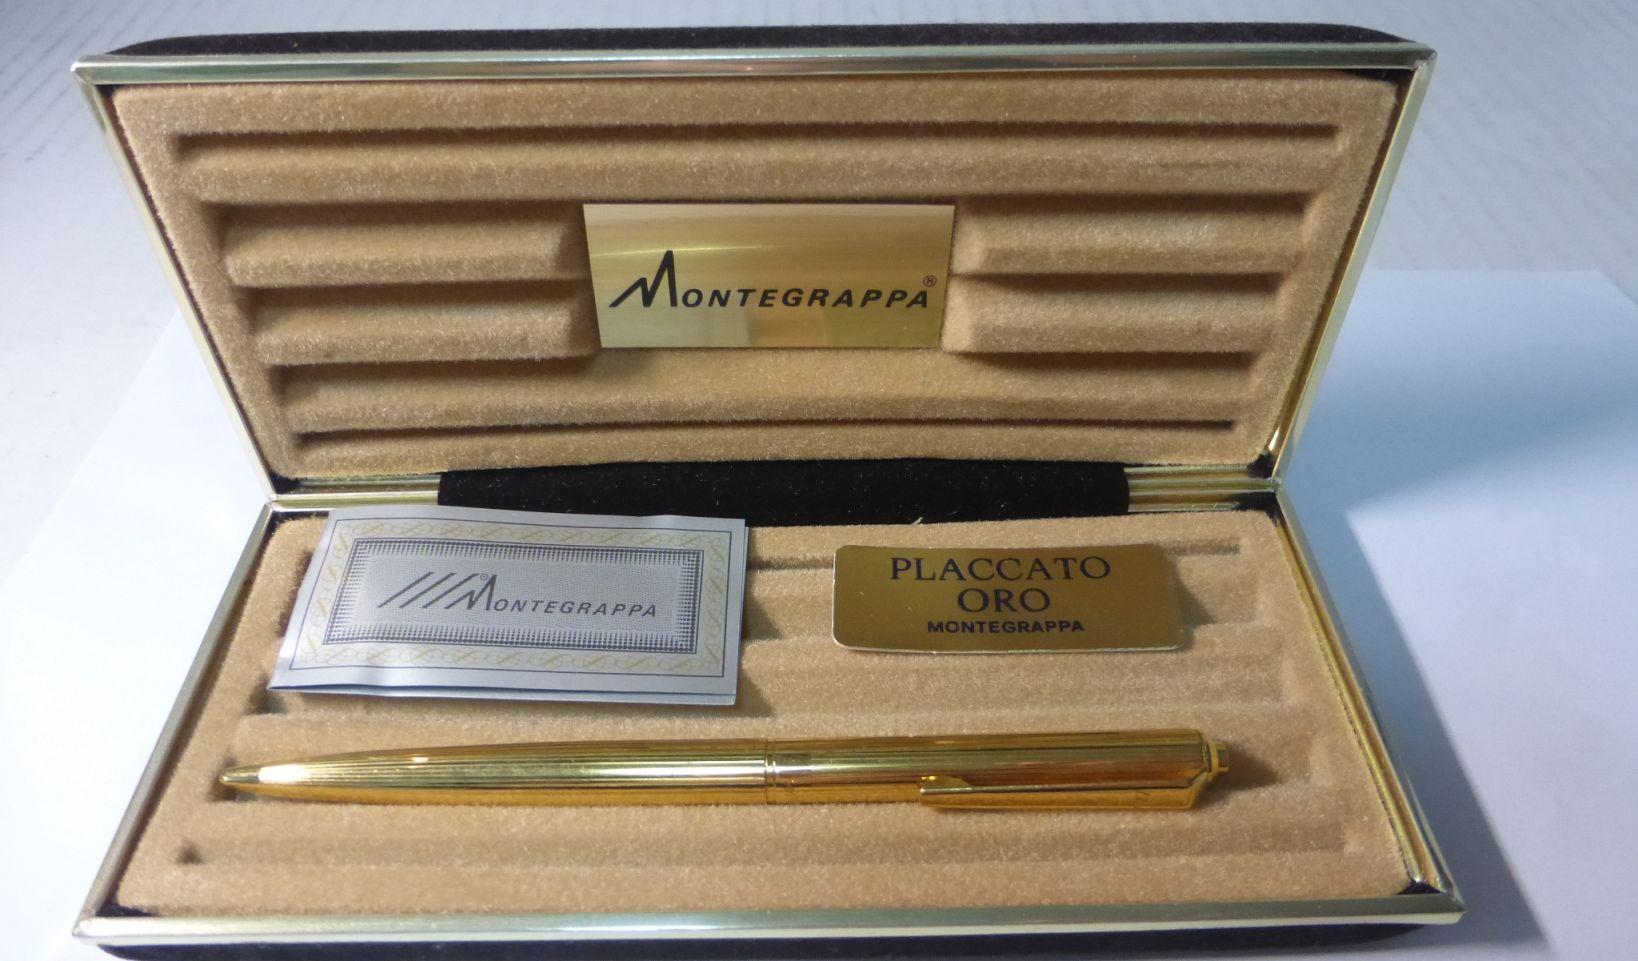 עט כדורי תוצ Montegrappa איטליה, מצופה זהב, באריזה מקורית ללא מילוי